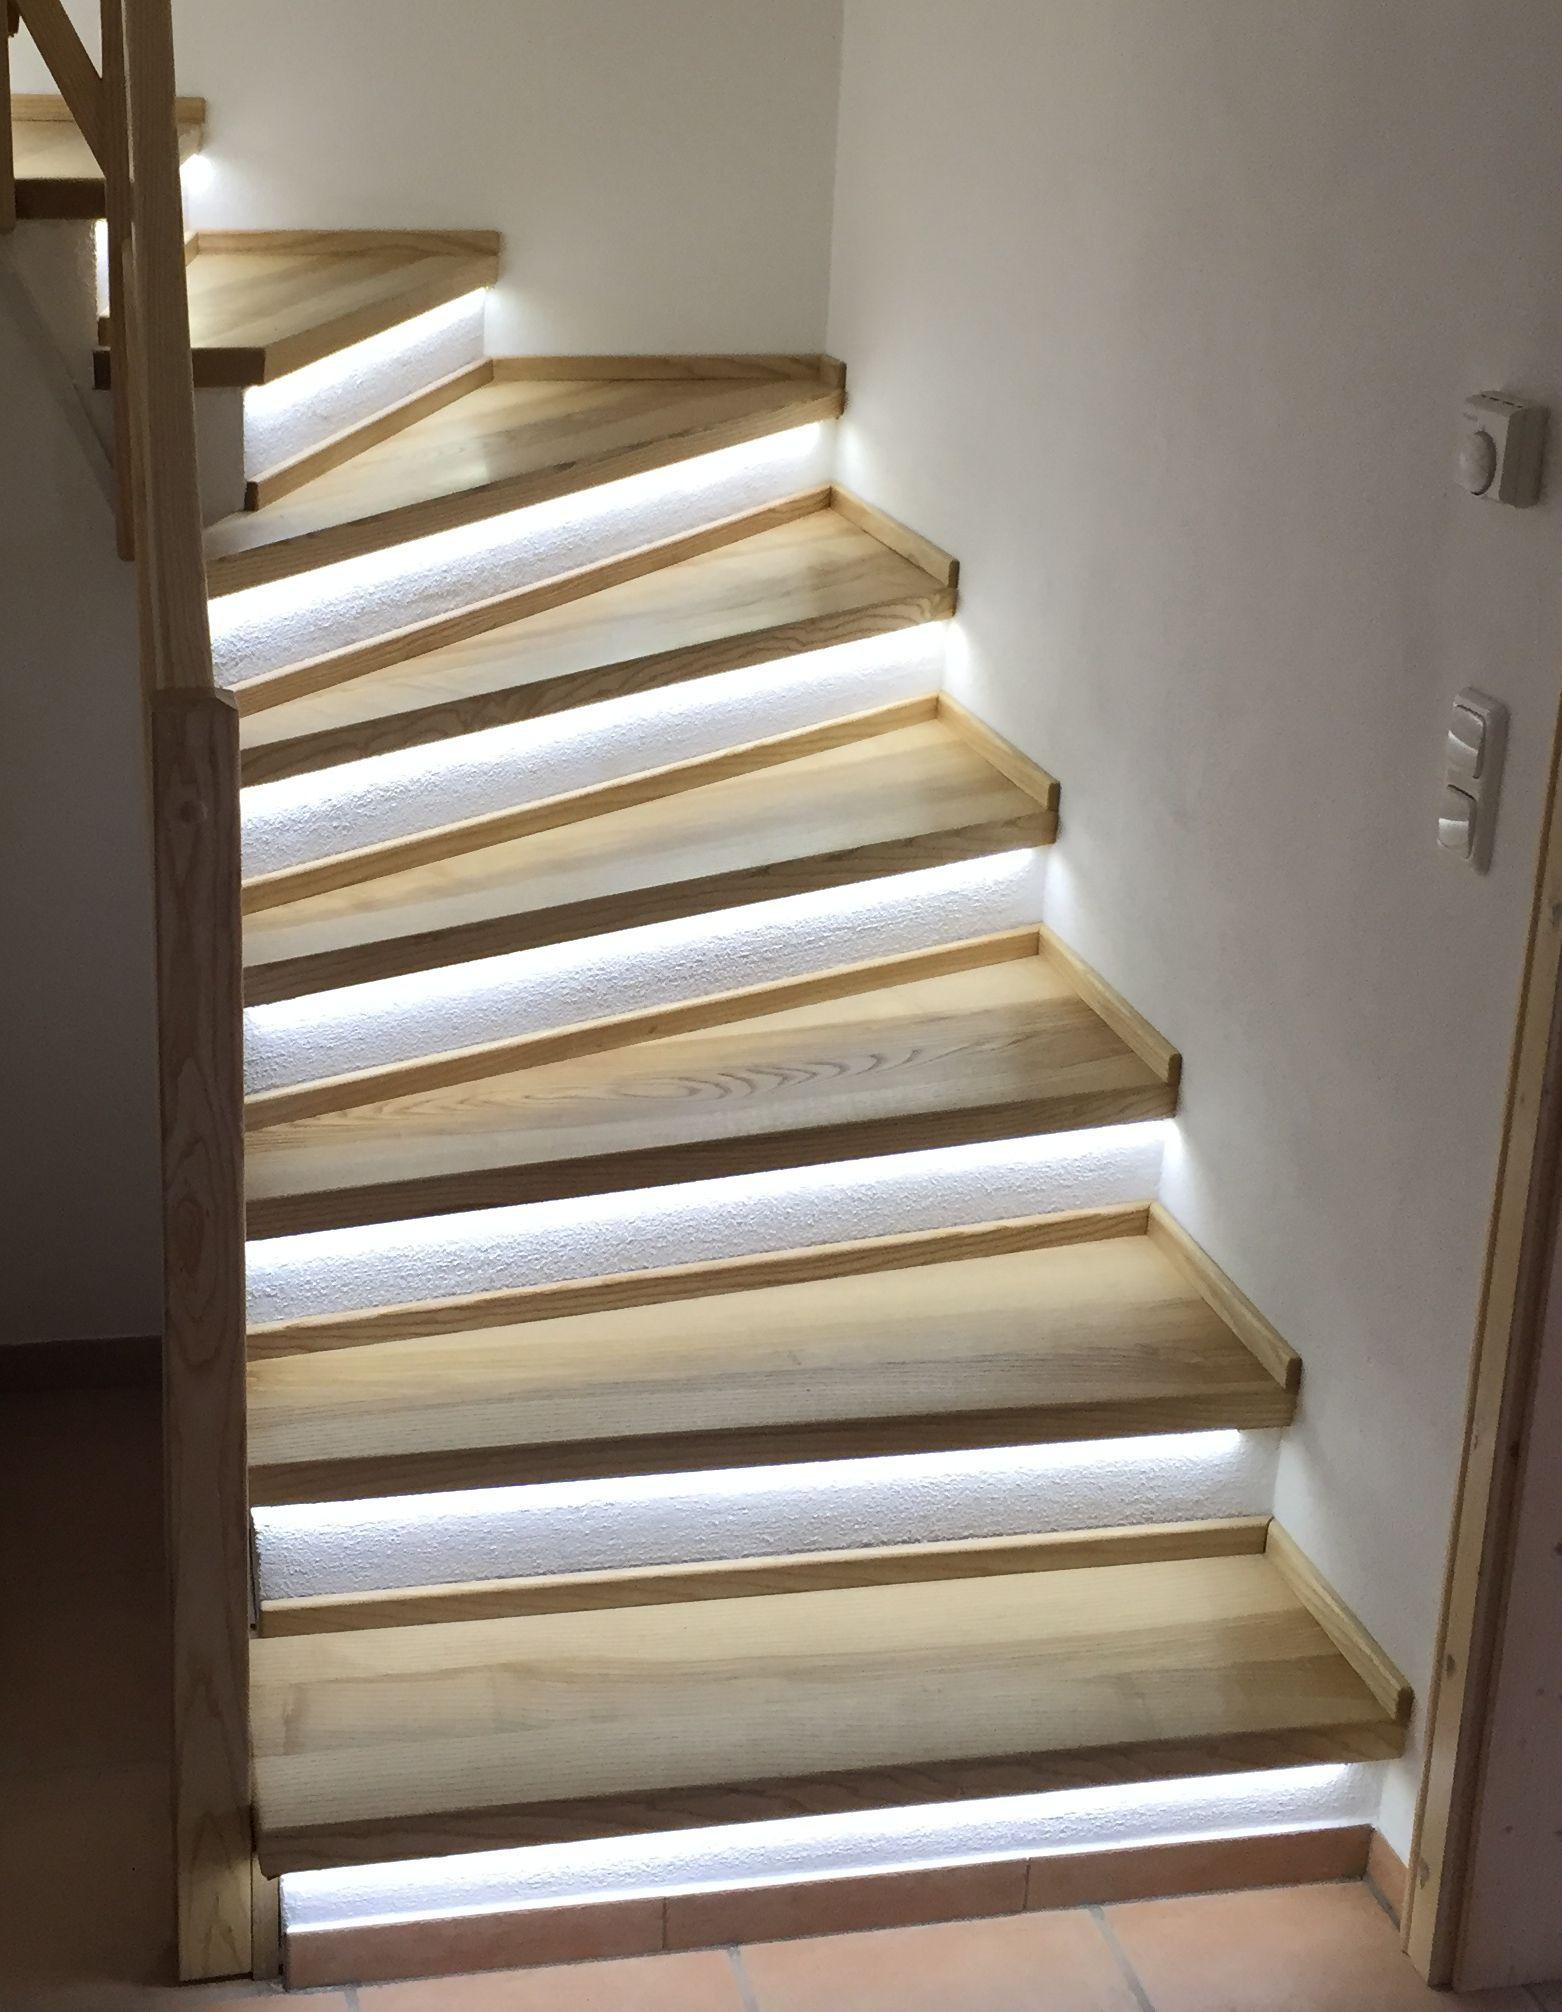 treppenprofile treppenkantenprofile treppenstufenprofile. Black Bedroom Furniture Sets. Home Design Ideas